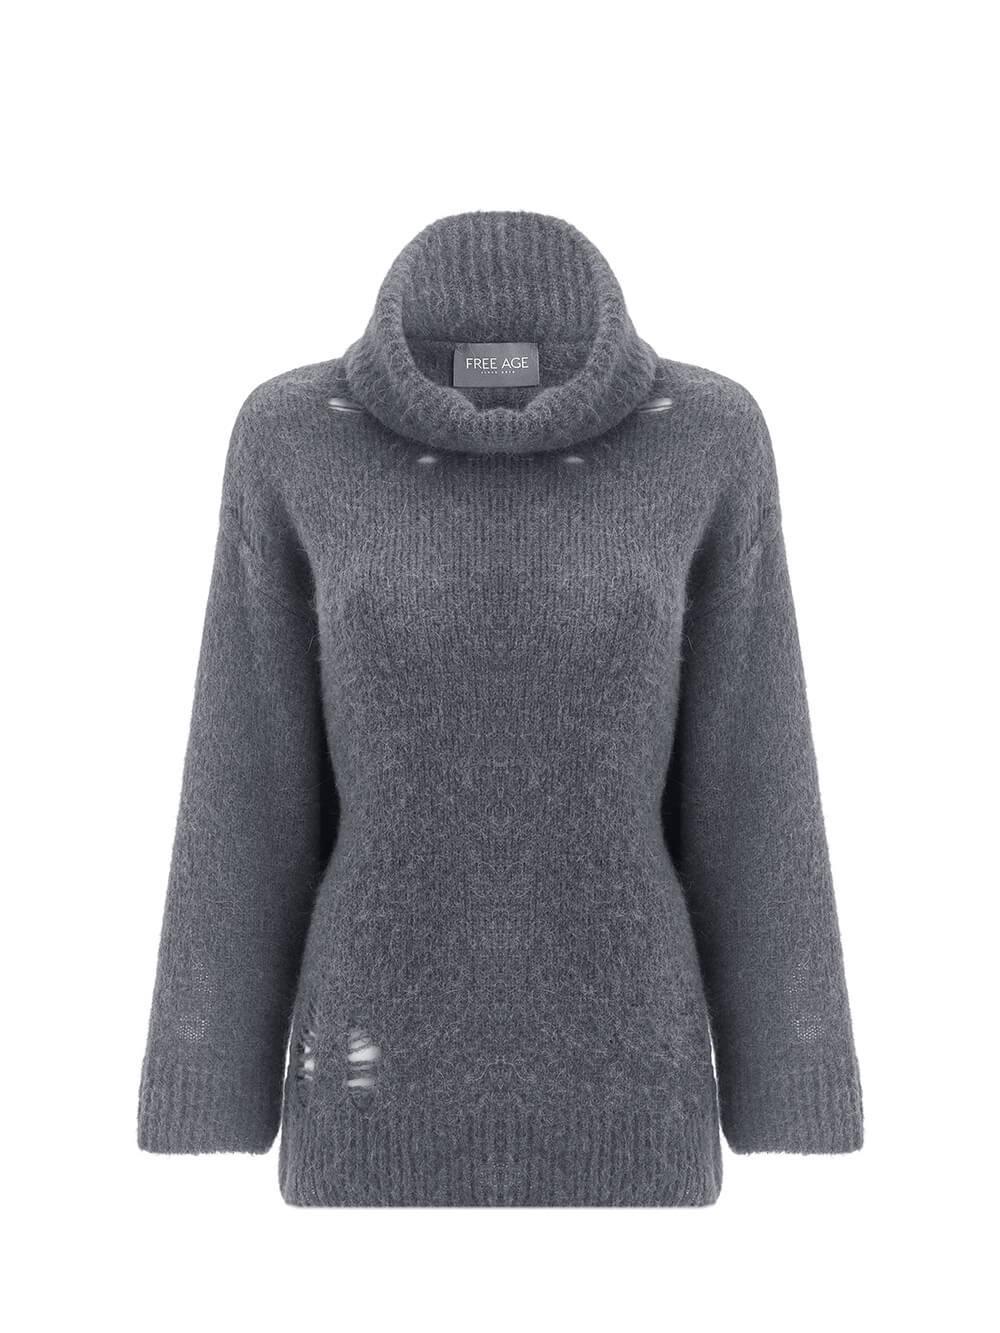 Женский свитер темно-серого цвета из шерсти - фото 1